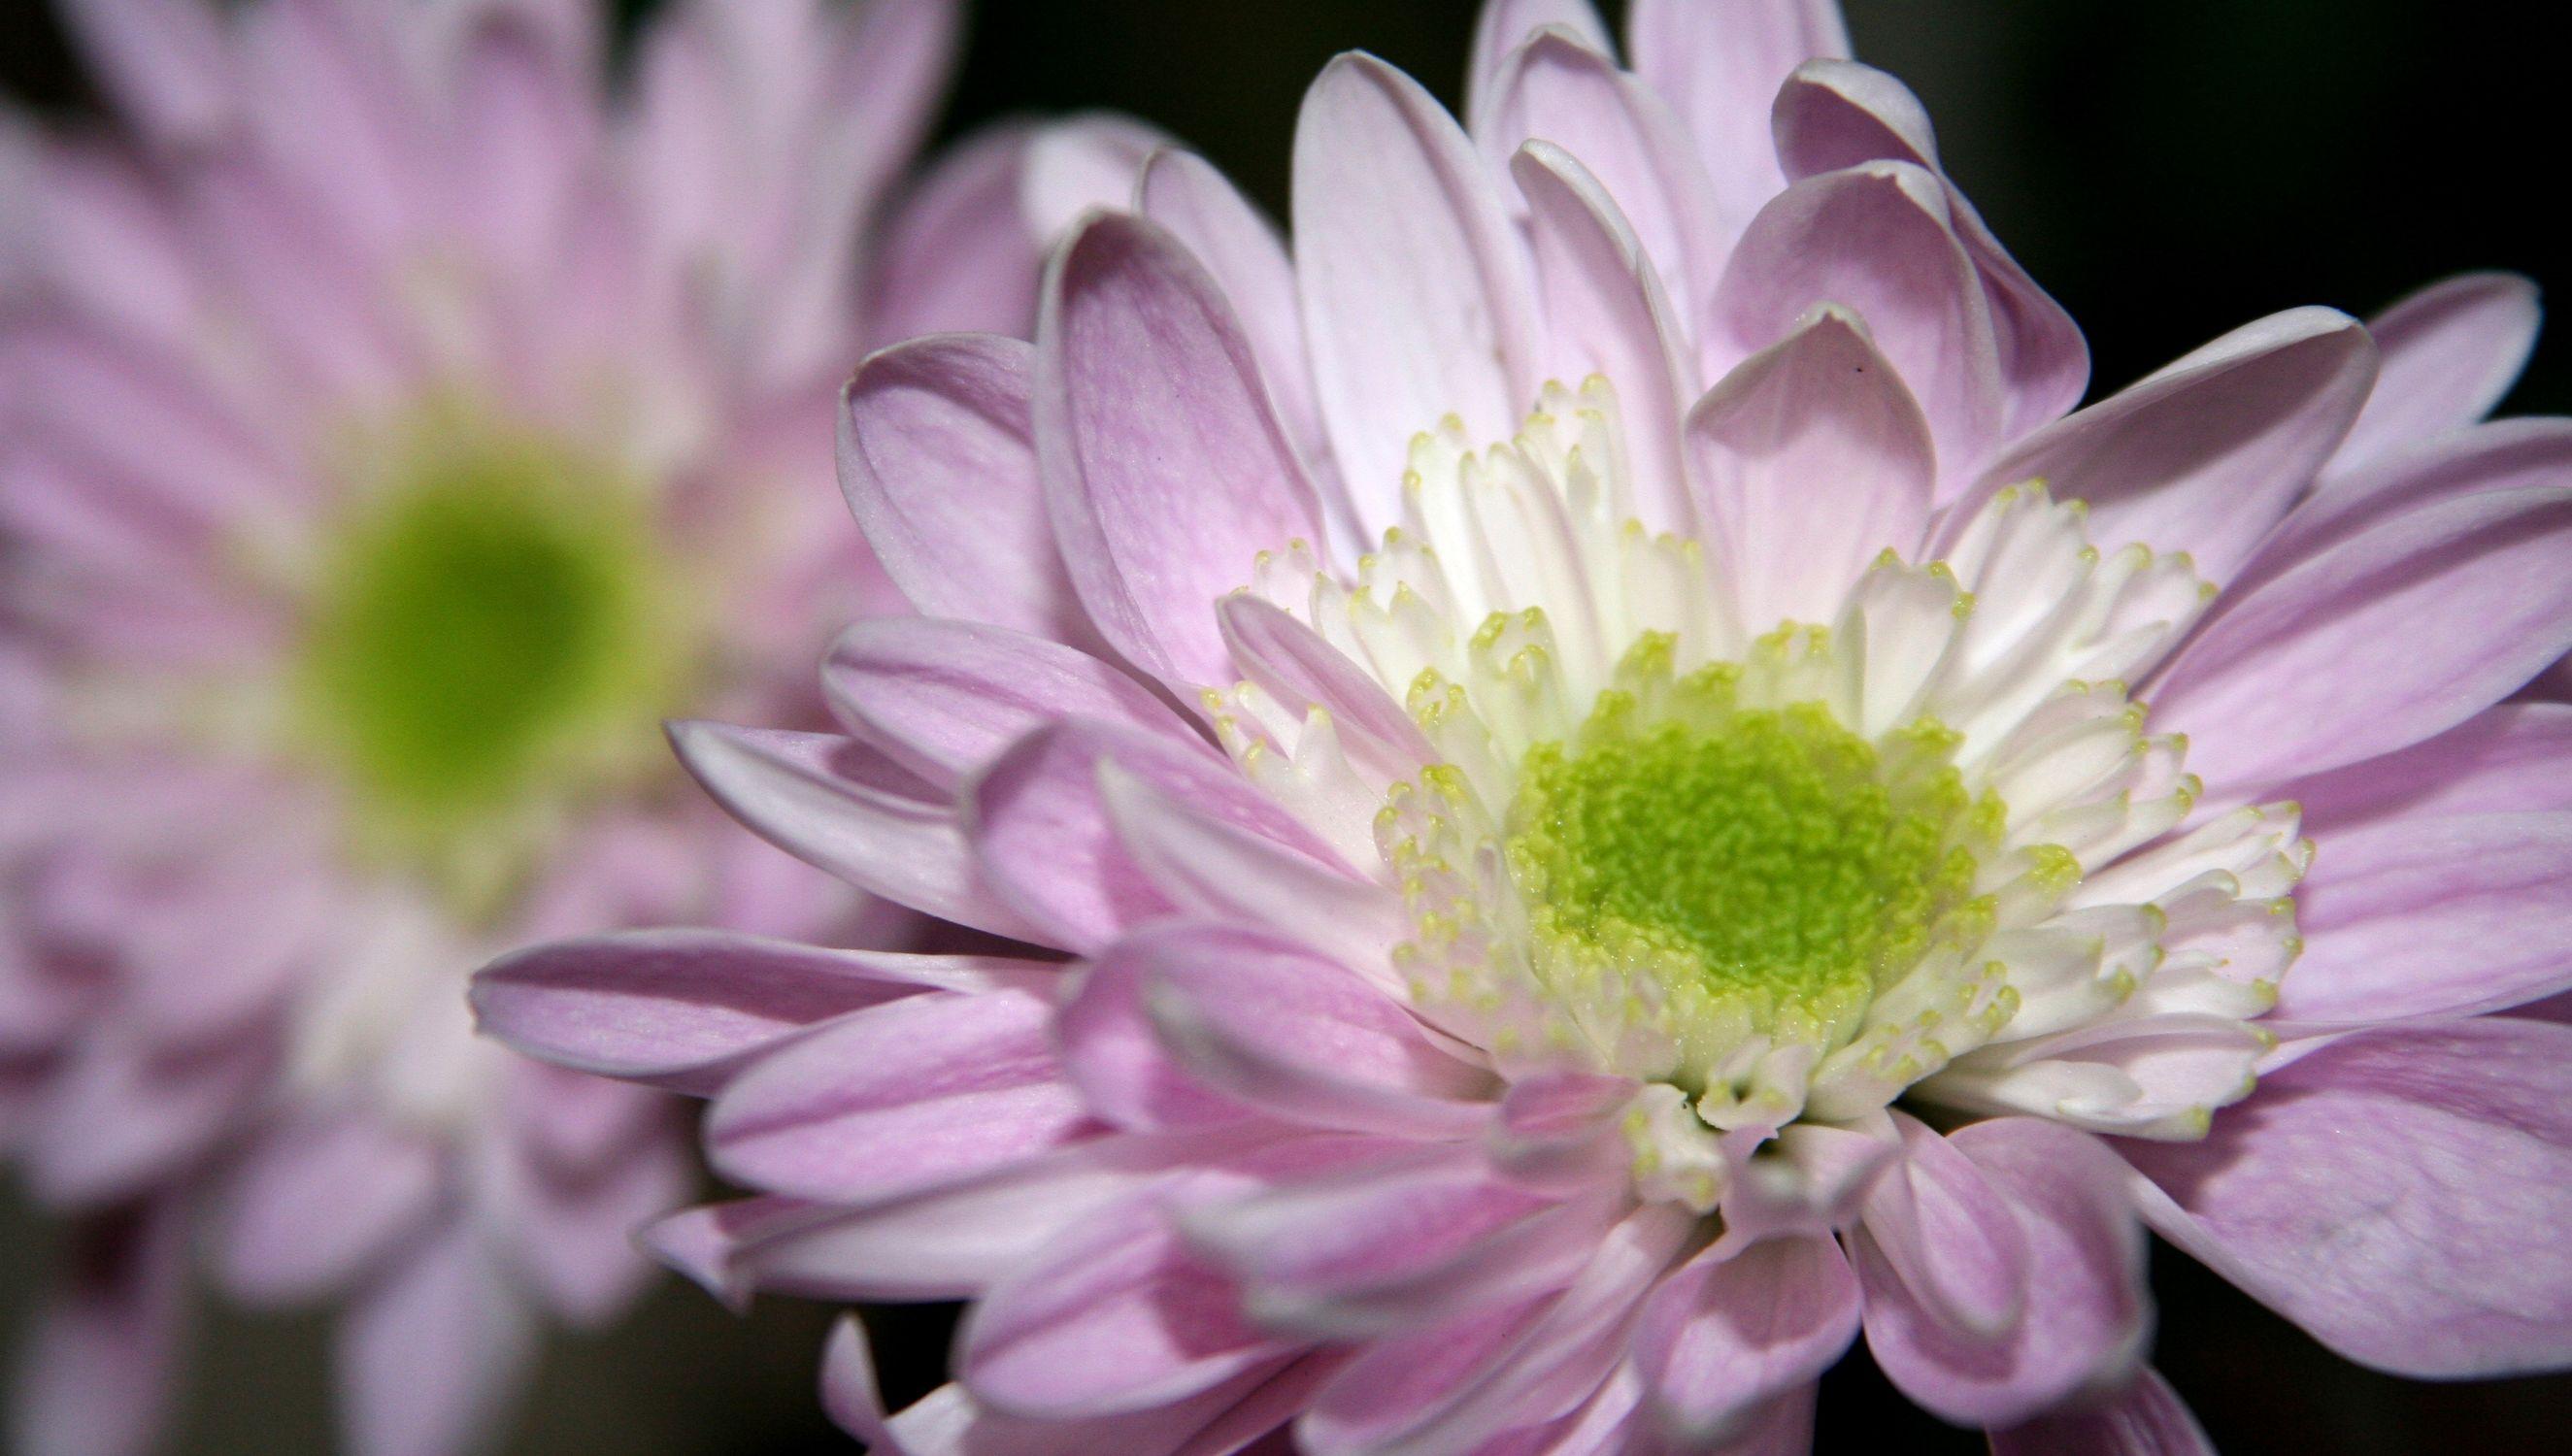 Bild mit Farben, Natur, Pflanzen, Jahreszeiten, Blumen, Rosa, Lila, Violett, Frühling, Korbblütler, Gerberas, Blume, Pflanze